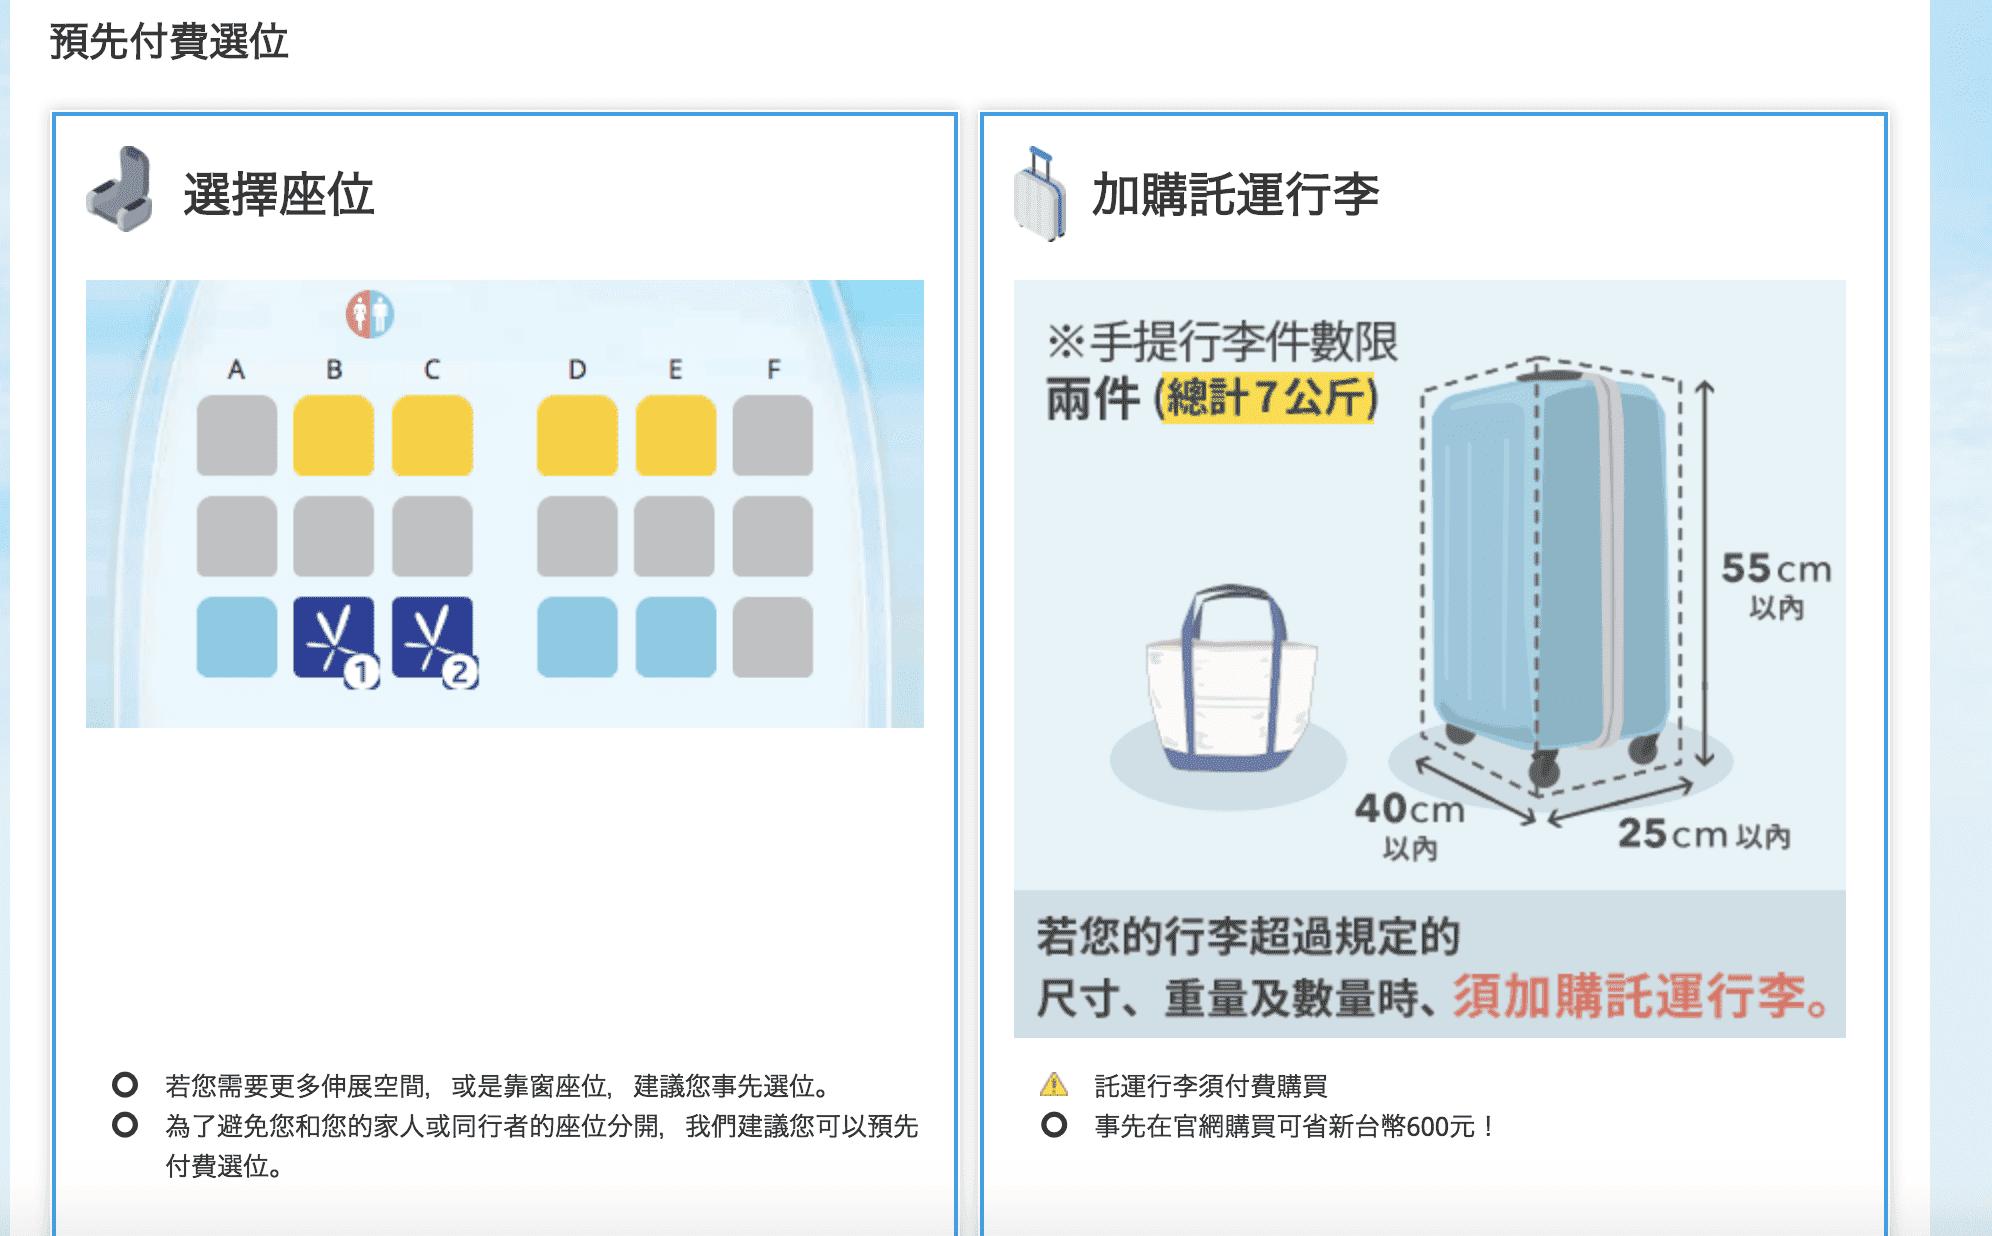 香草12/31前票價促銷,8/24 14:00起~賞楓、年底跨年票價初探~